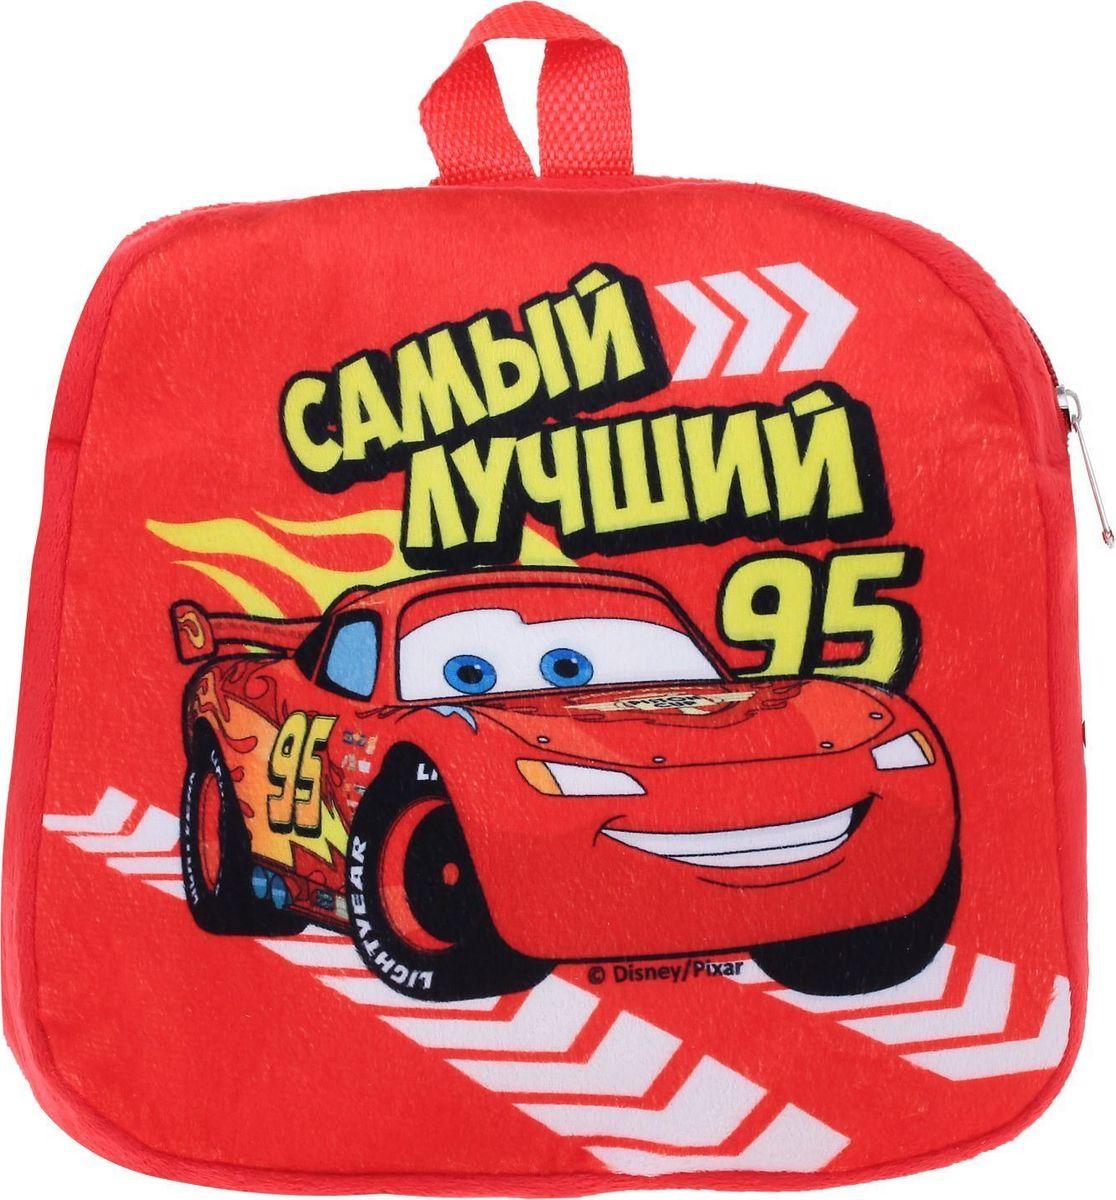 Disney Рюкзак детский Самый лучший Тачки1745530Детки обожают брать с собой игрушки. Для этого отлично подойдёт небольшой, но вместительный рюкзачок с любимым персонажем!Изделие выполнено из мягкого плюша, закрывается на молнию. Ремешки регулируются, сверху есть удобная ручка.К рюкзачку прилагается шильдик с незаполненным полем, который вы можете использовать как мини-открытку, если покупаете изделие в подарок.Размер — 24,5 ? 6 х 24,5 см.